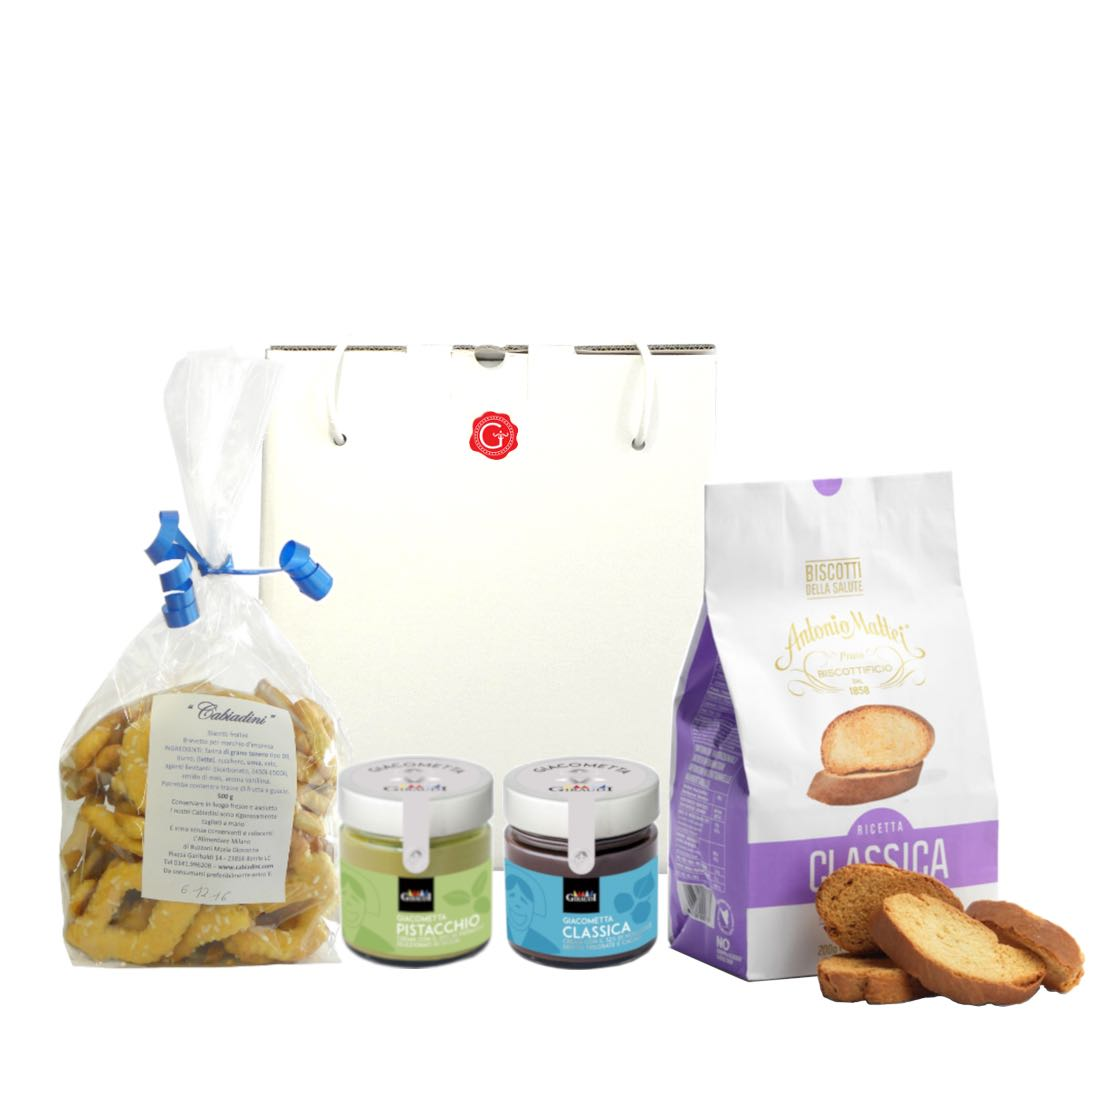 confezione regalo con dolcezza – Gustorotondo – buono sano artigiano – spesa online